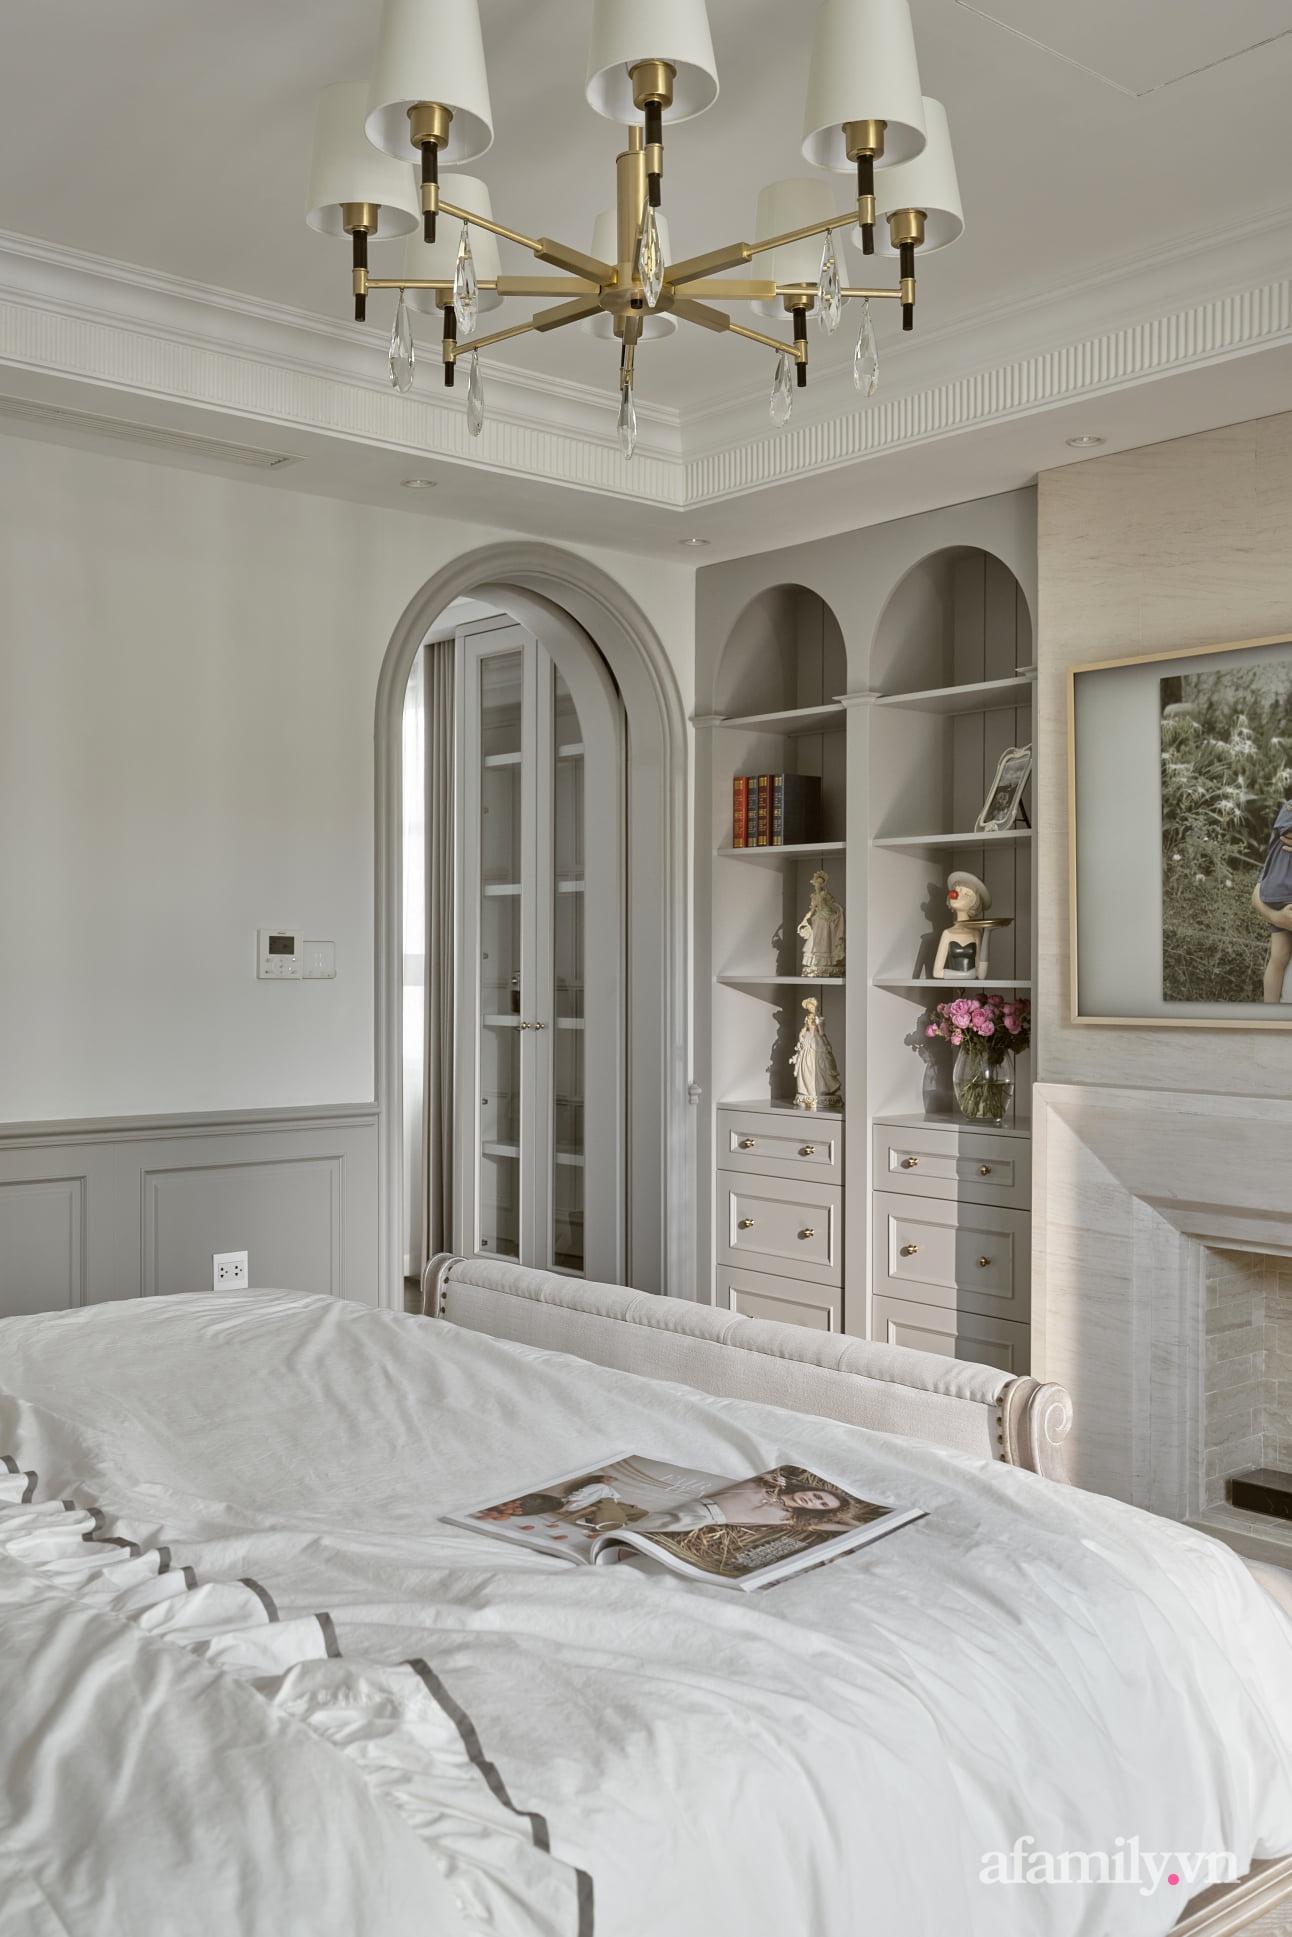 Nhà phố 3 tầng đẹp sang trọng với nội thất cực chất theo phong cách Traditional ở Hà Nội - Ảnh 20.